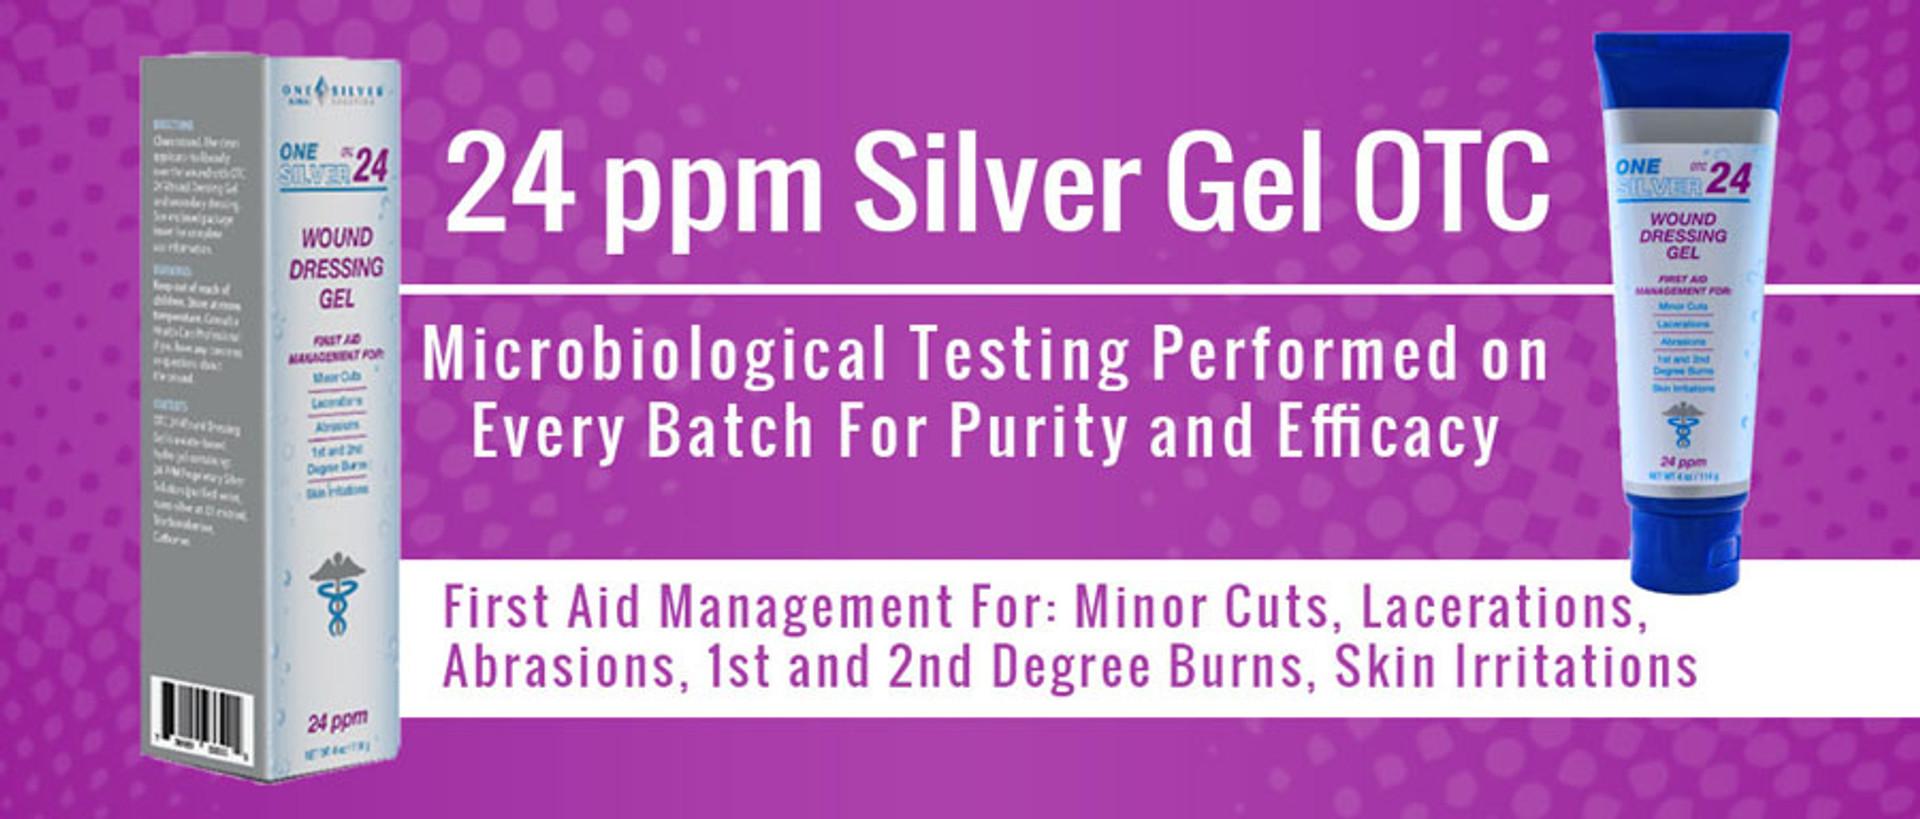 24 ppm silver gel otc